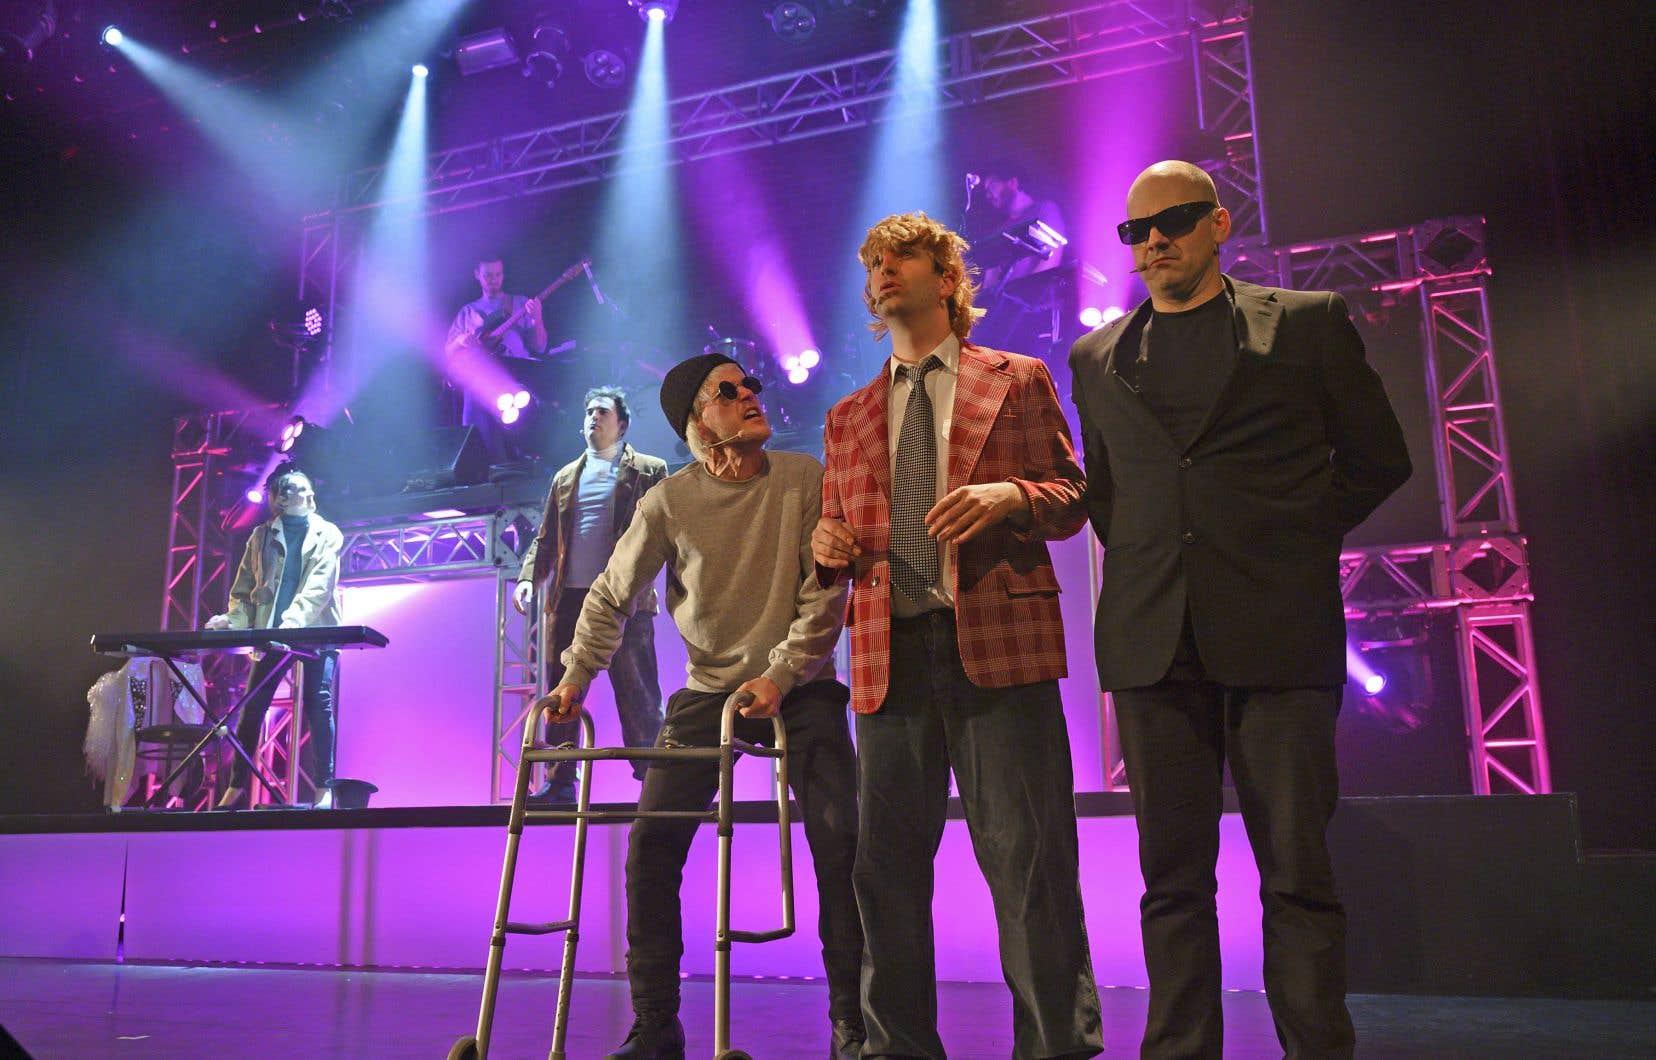 Nouveauté cette année: un trio de musiciens présent sur scène rythme le spectacle.